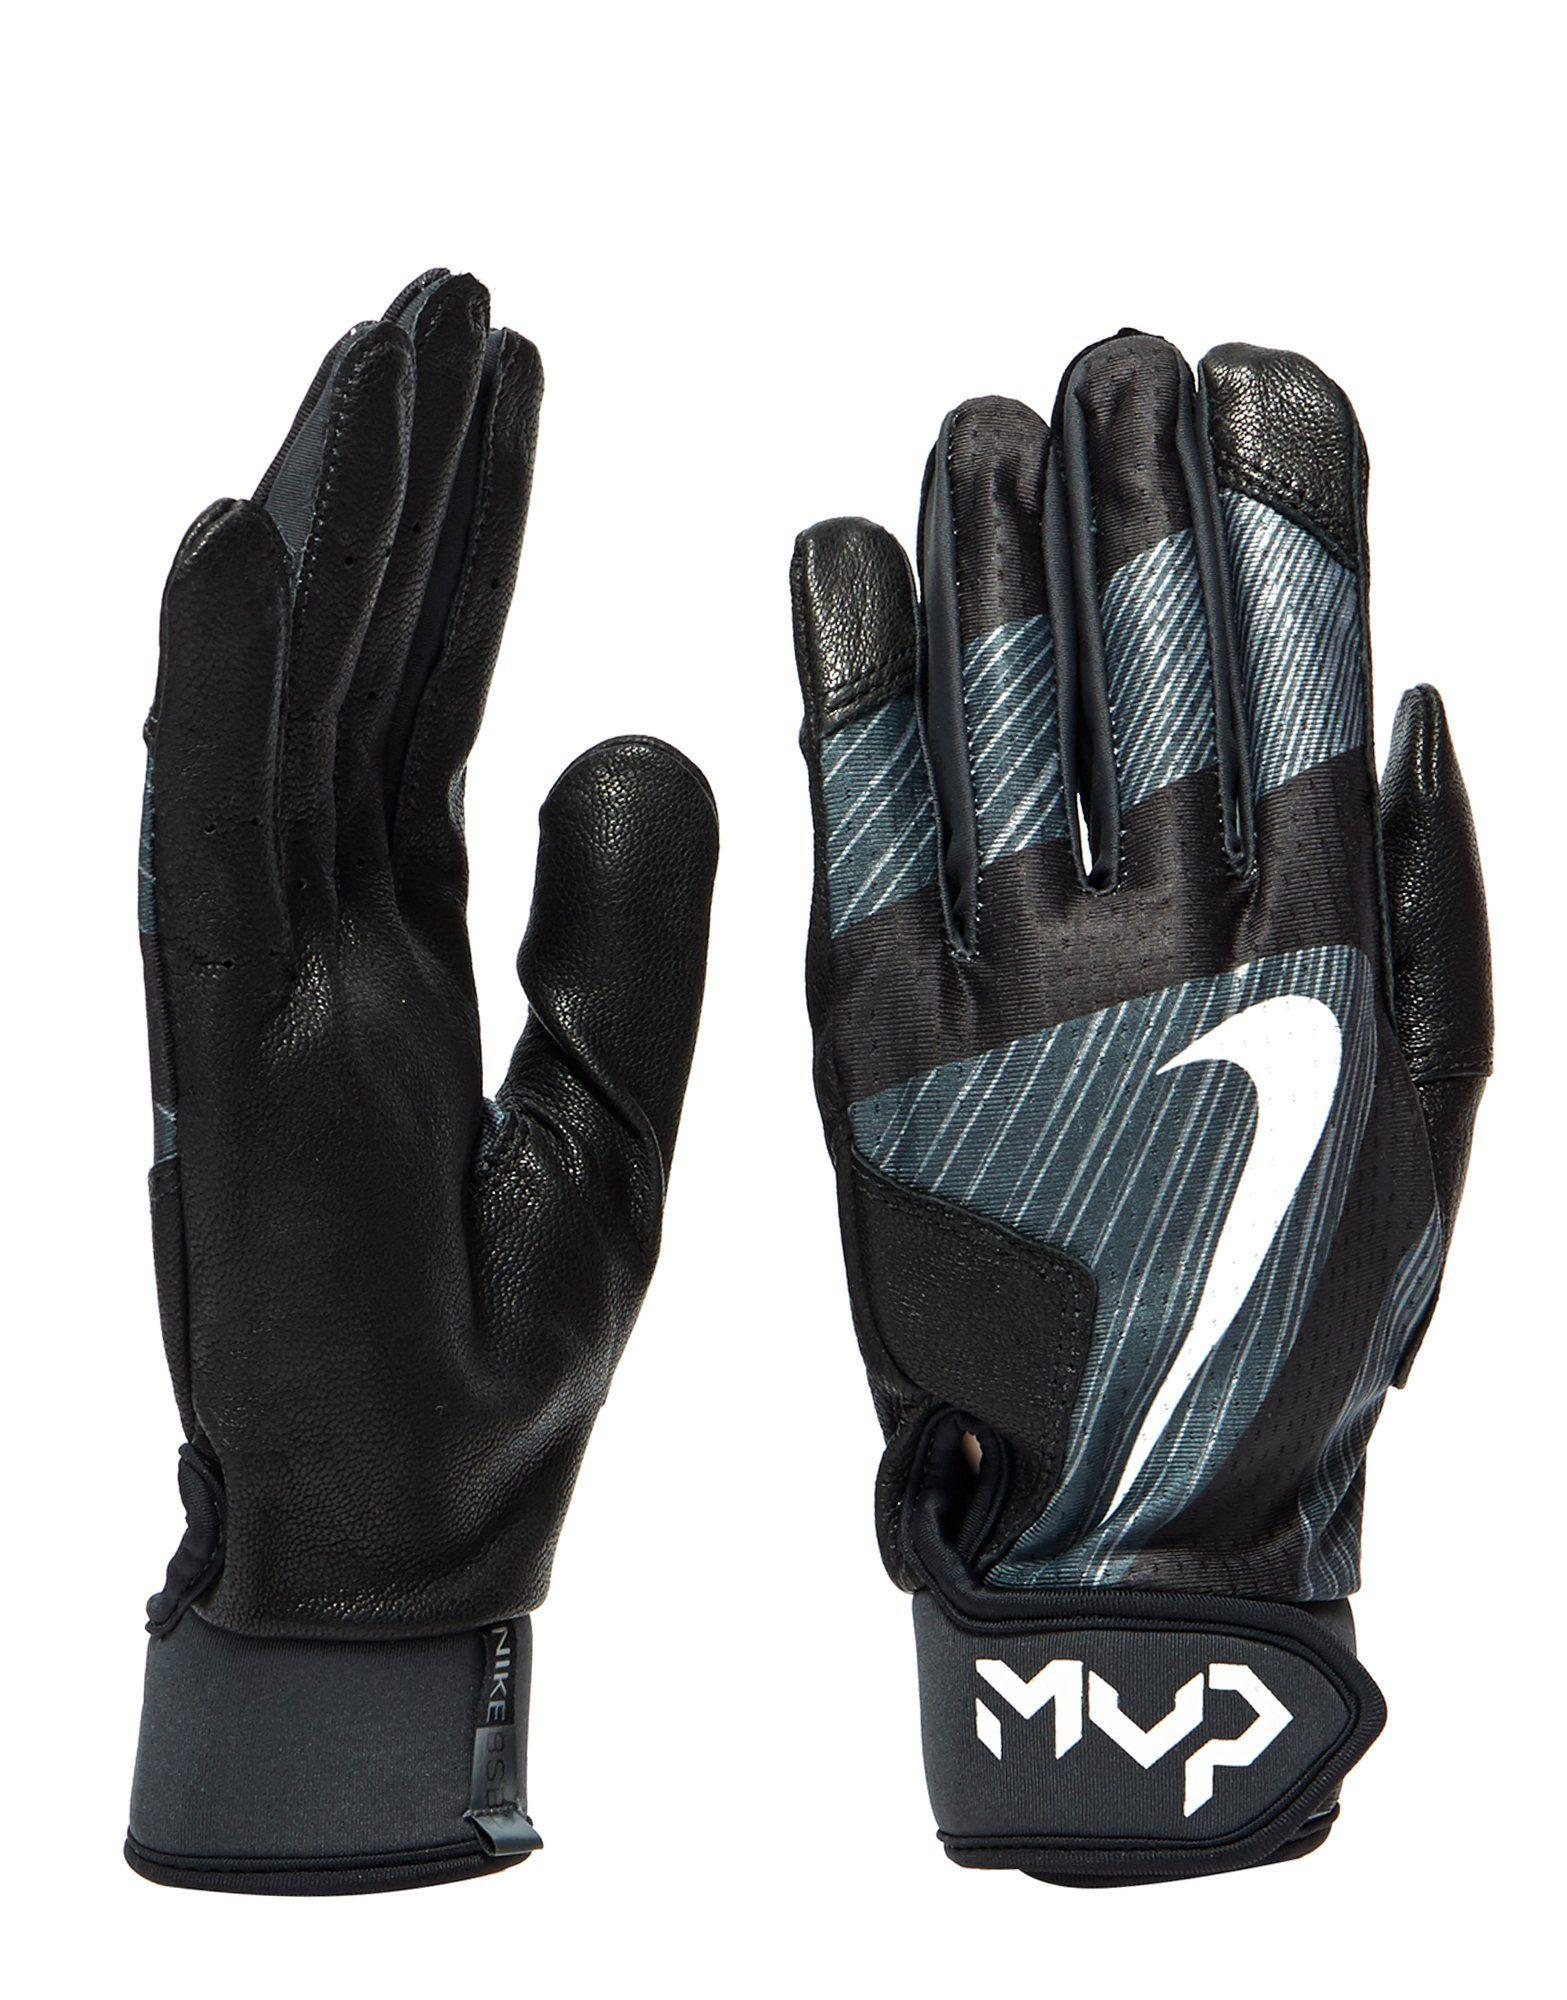 Mens leather gloves ireland - Nike Mvp Edge Batting Gloves